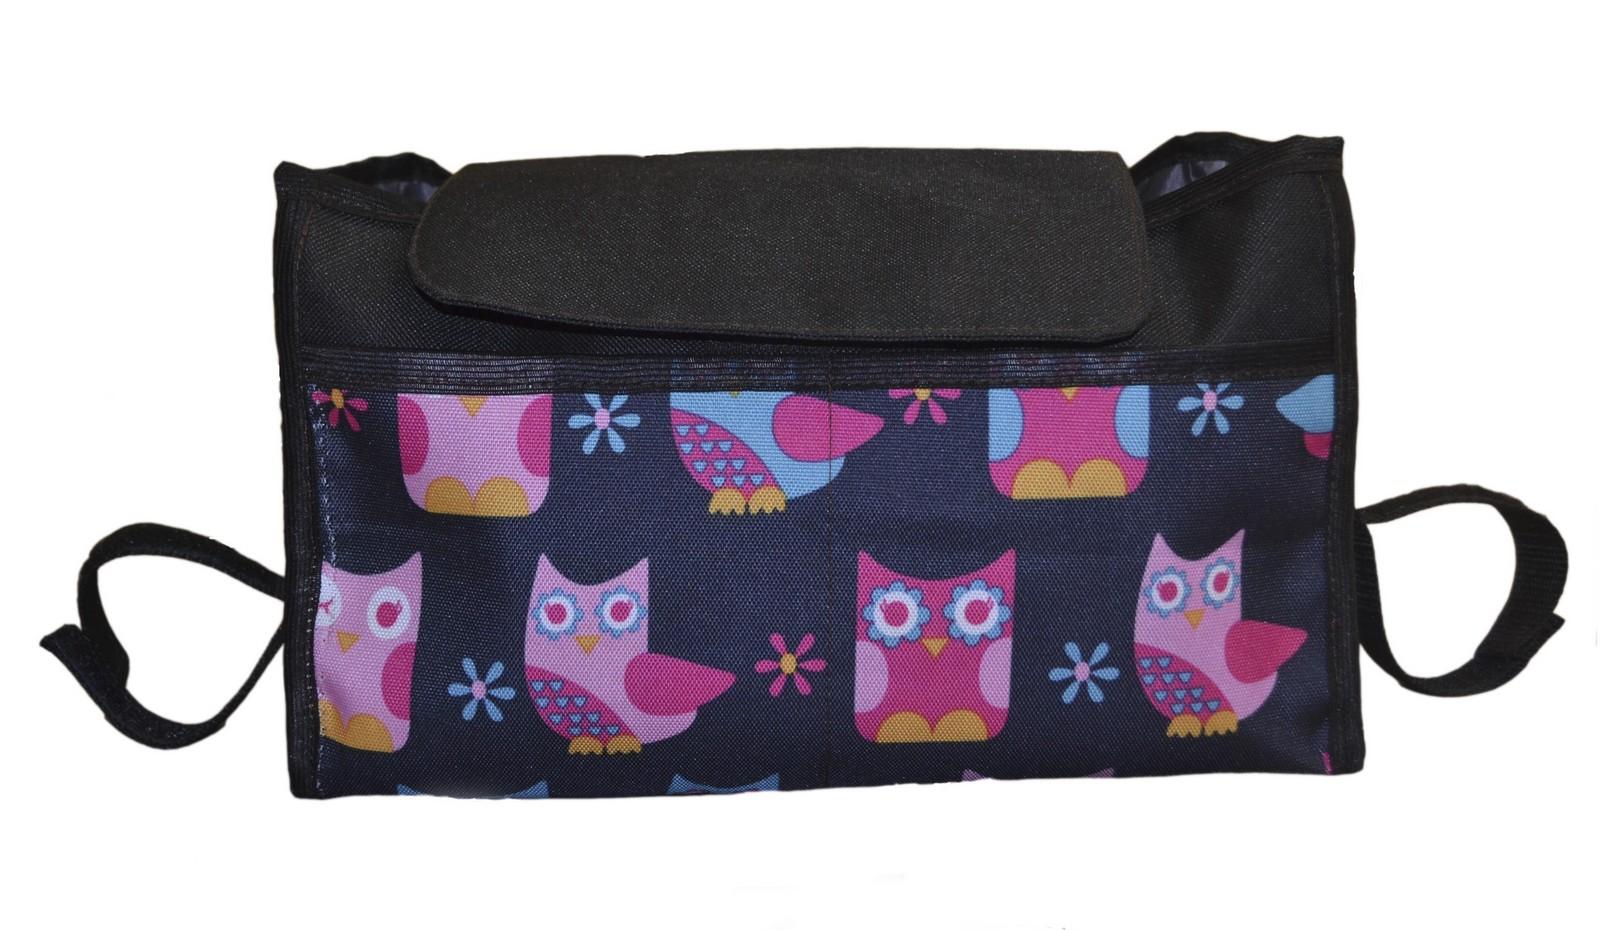 Органайзер-сумка для коляски Мирти Box, 4610003451790 муфта tigger warmhands на ручку коляски